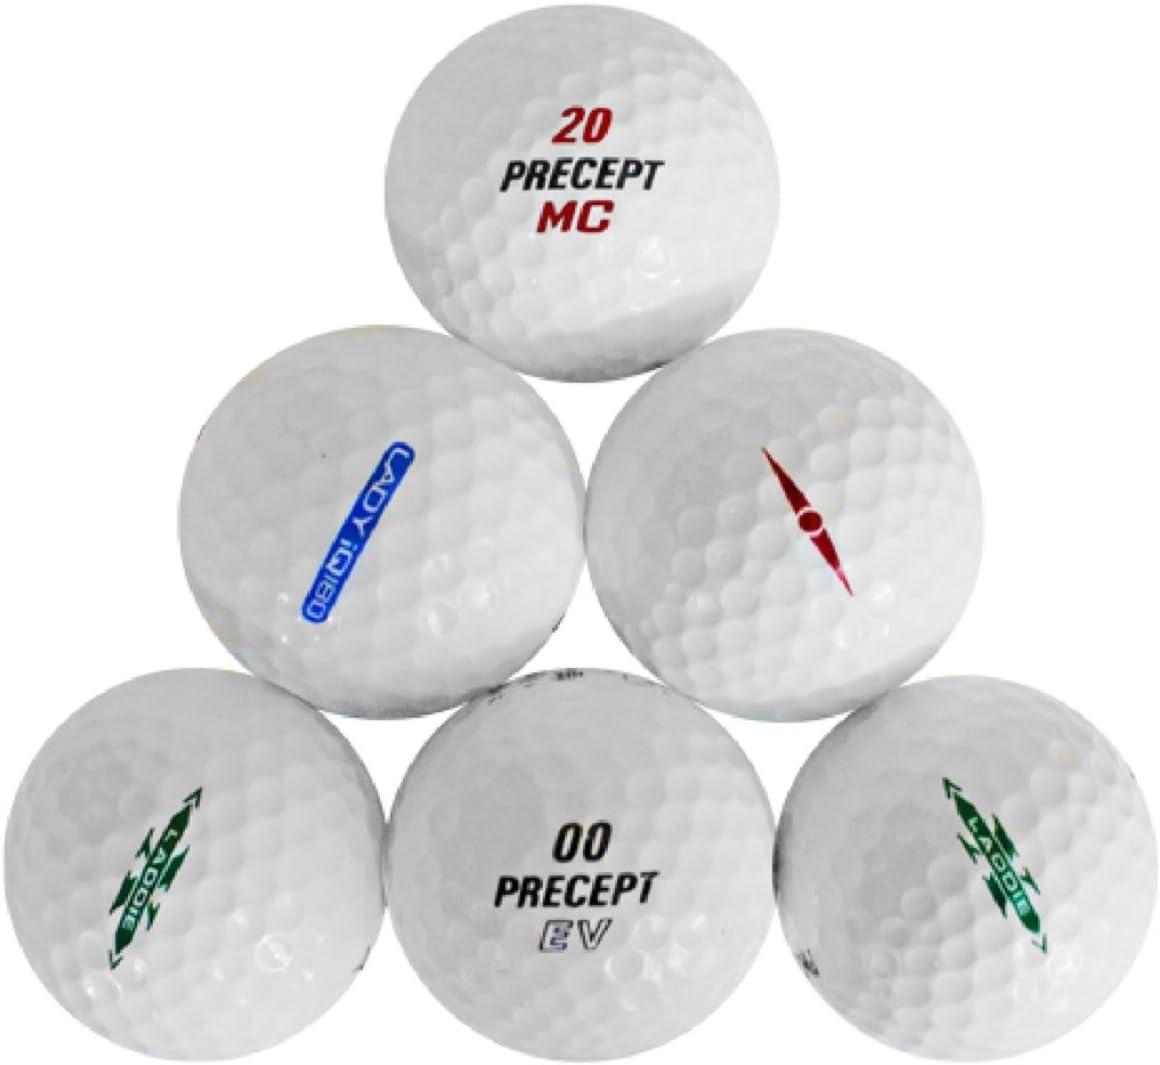 Precept Mix AAAAA Pre-Owned Golf Balls